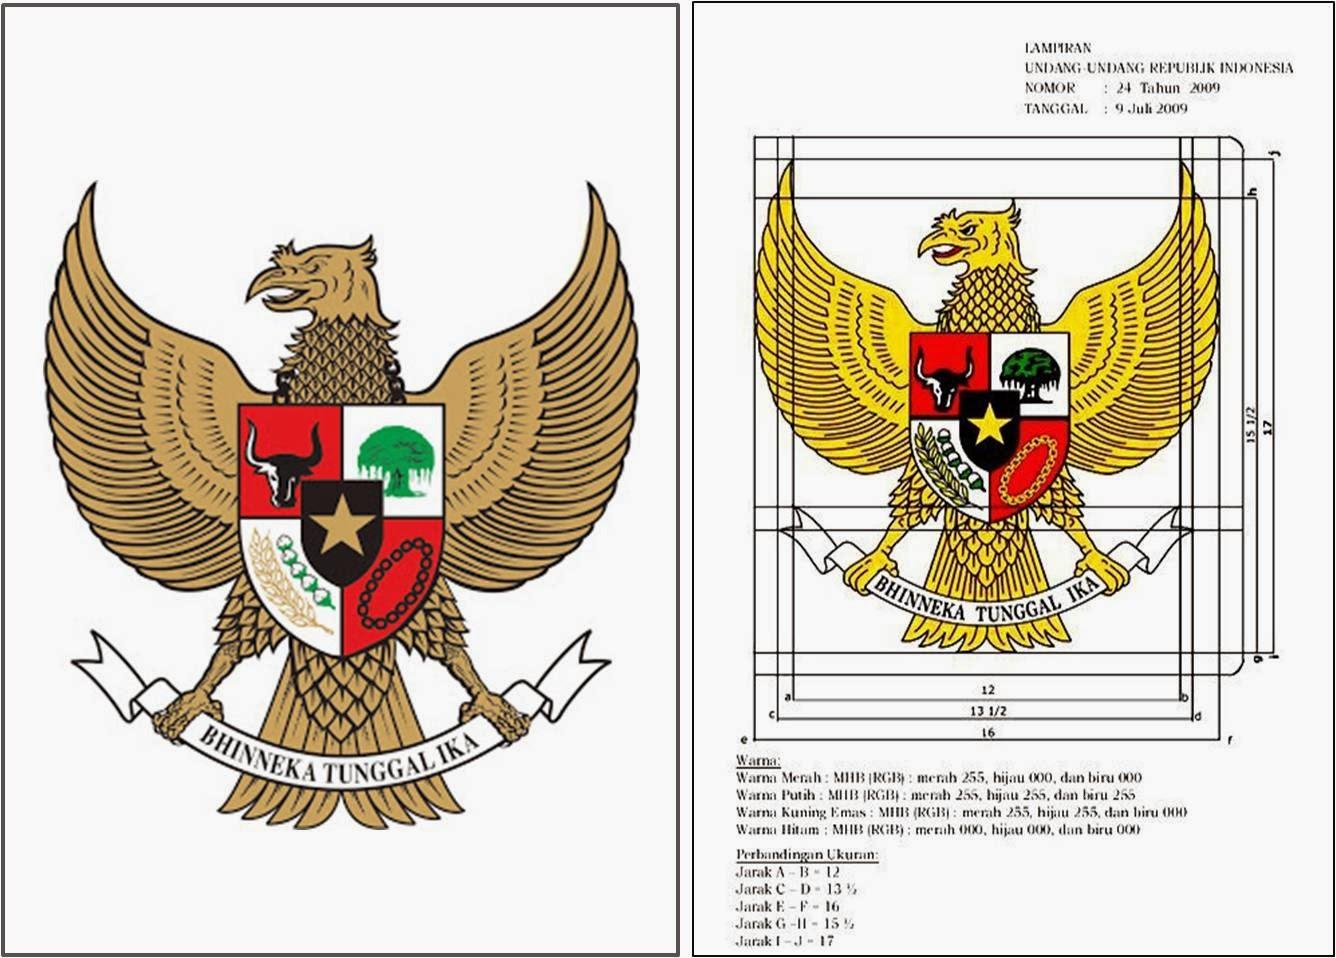 Sejarah Arti Makna Lambang Garuda Pancasila Freewaremini